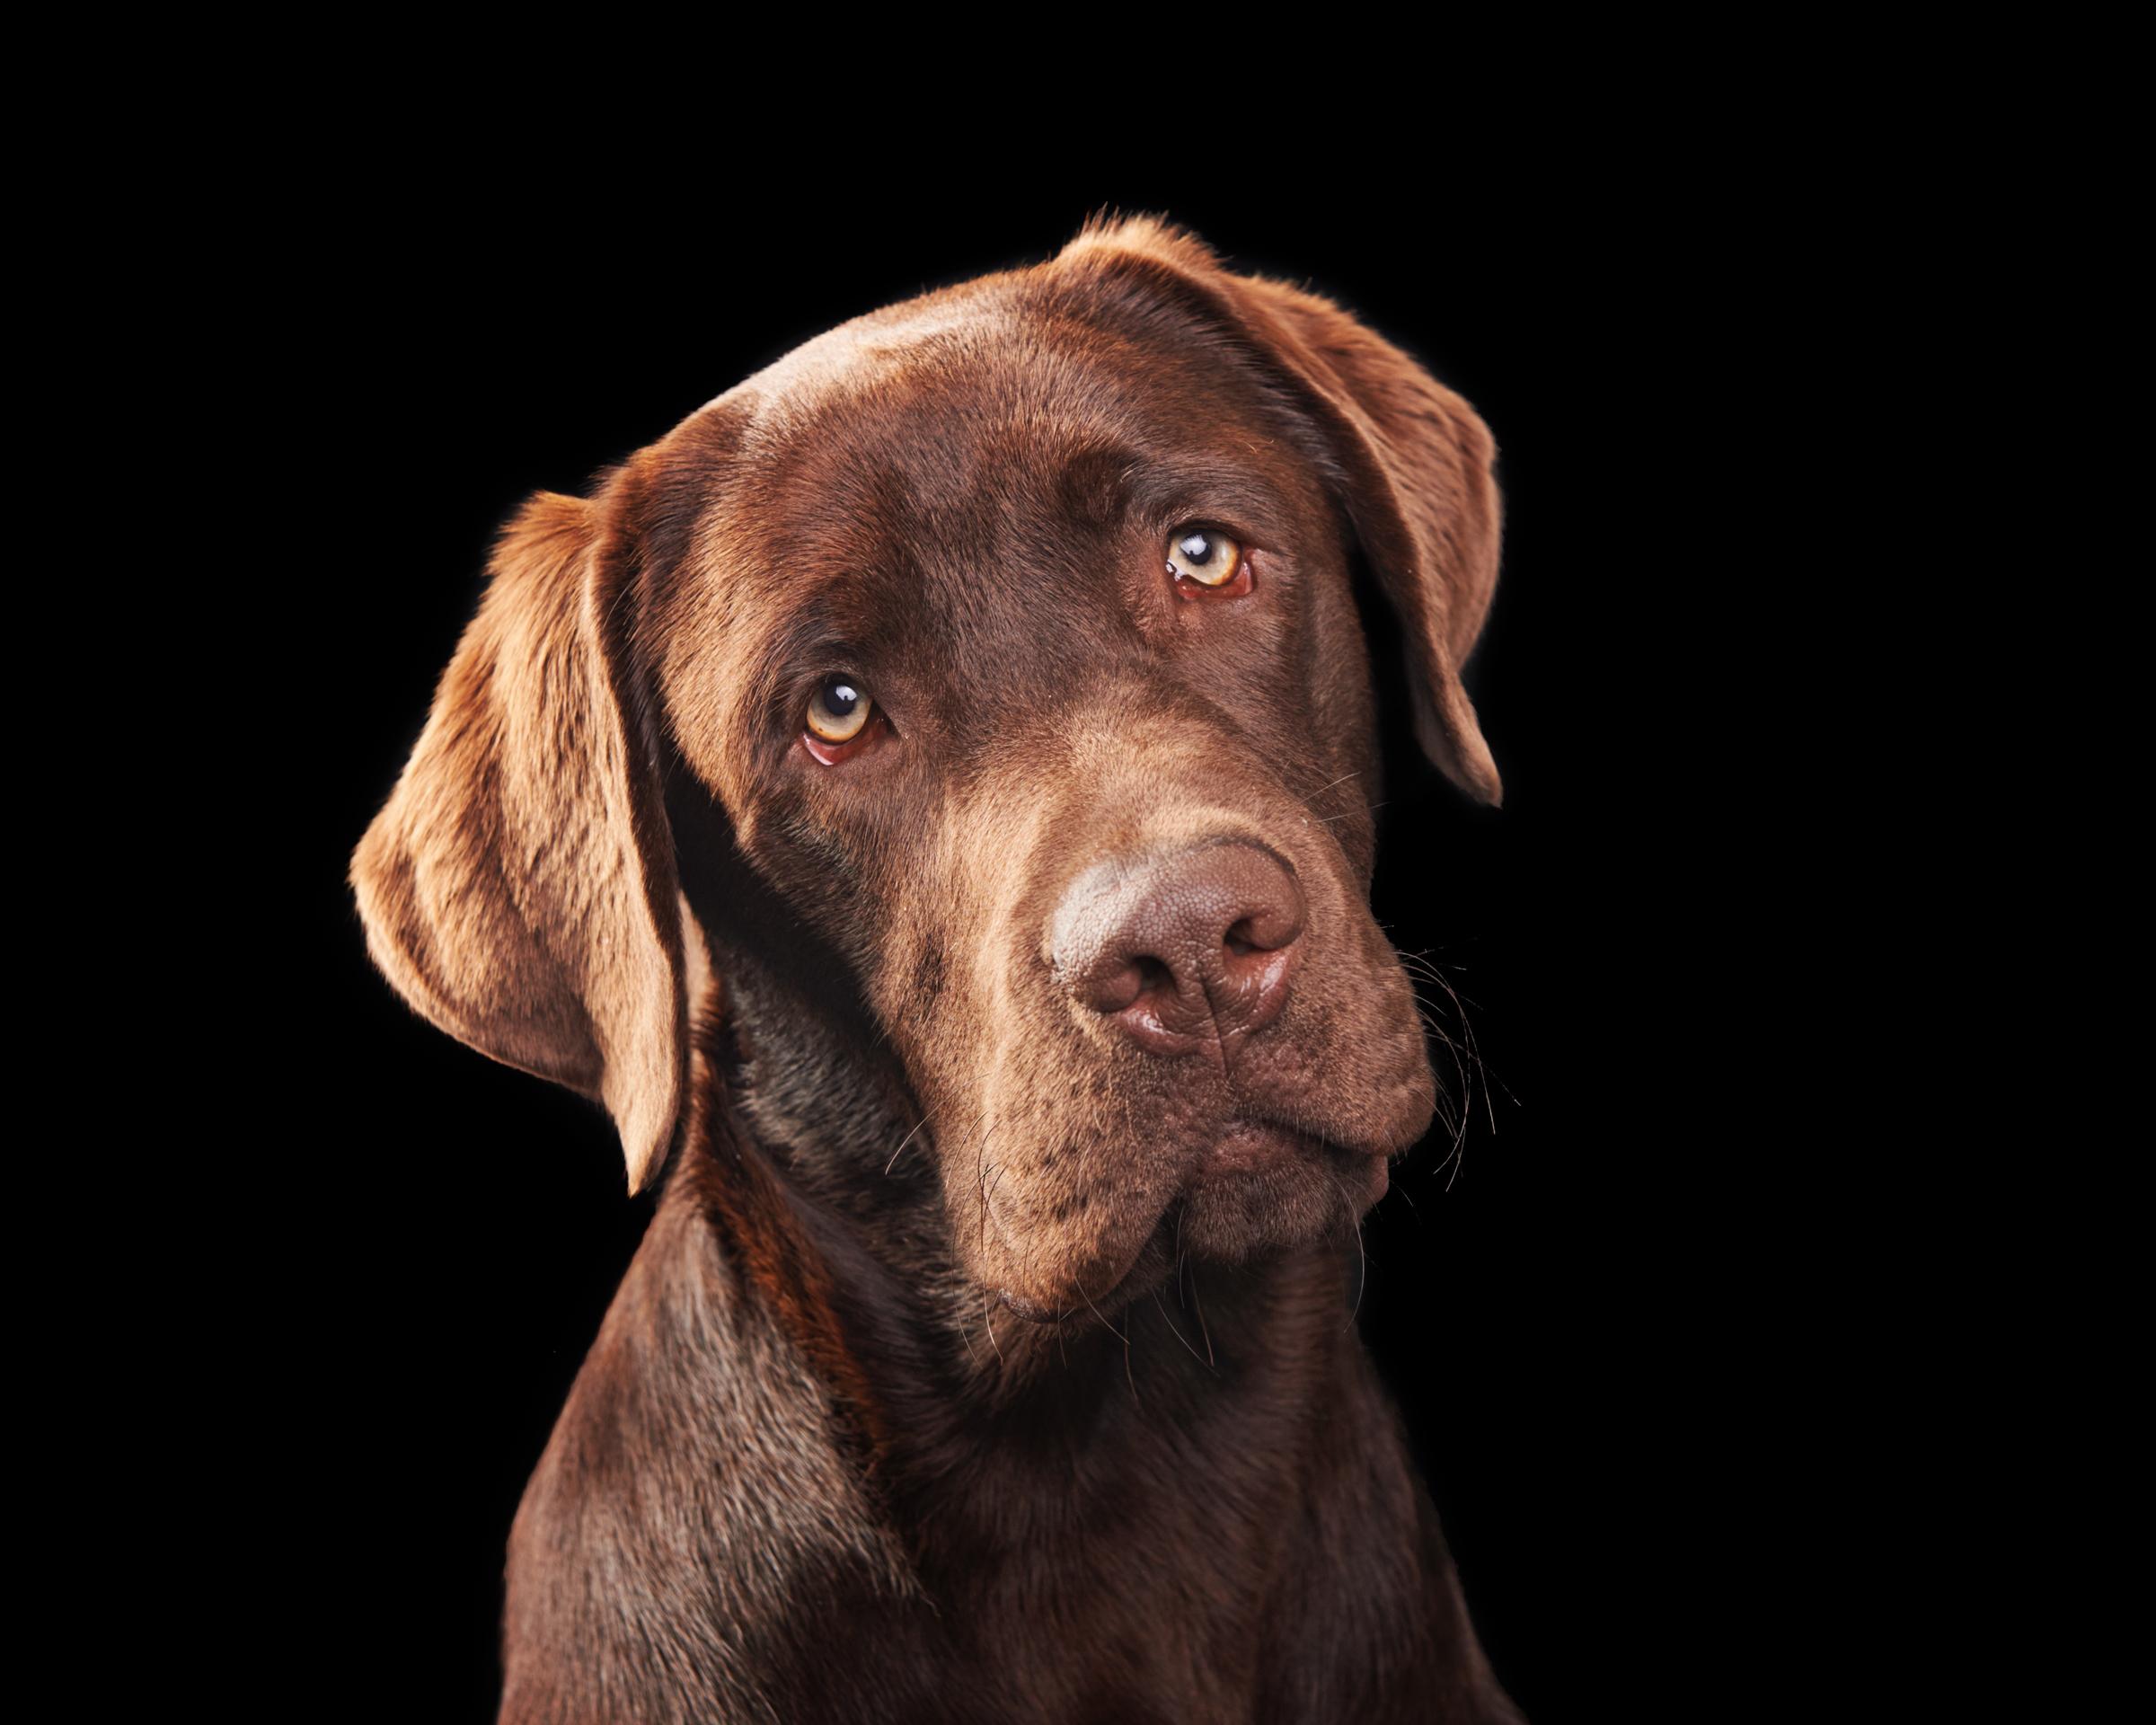 labrador_retriever_pet_dog_four_paws_portrait